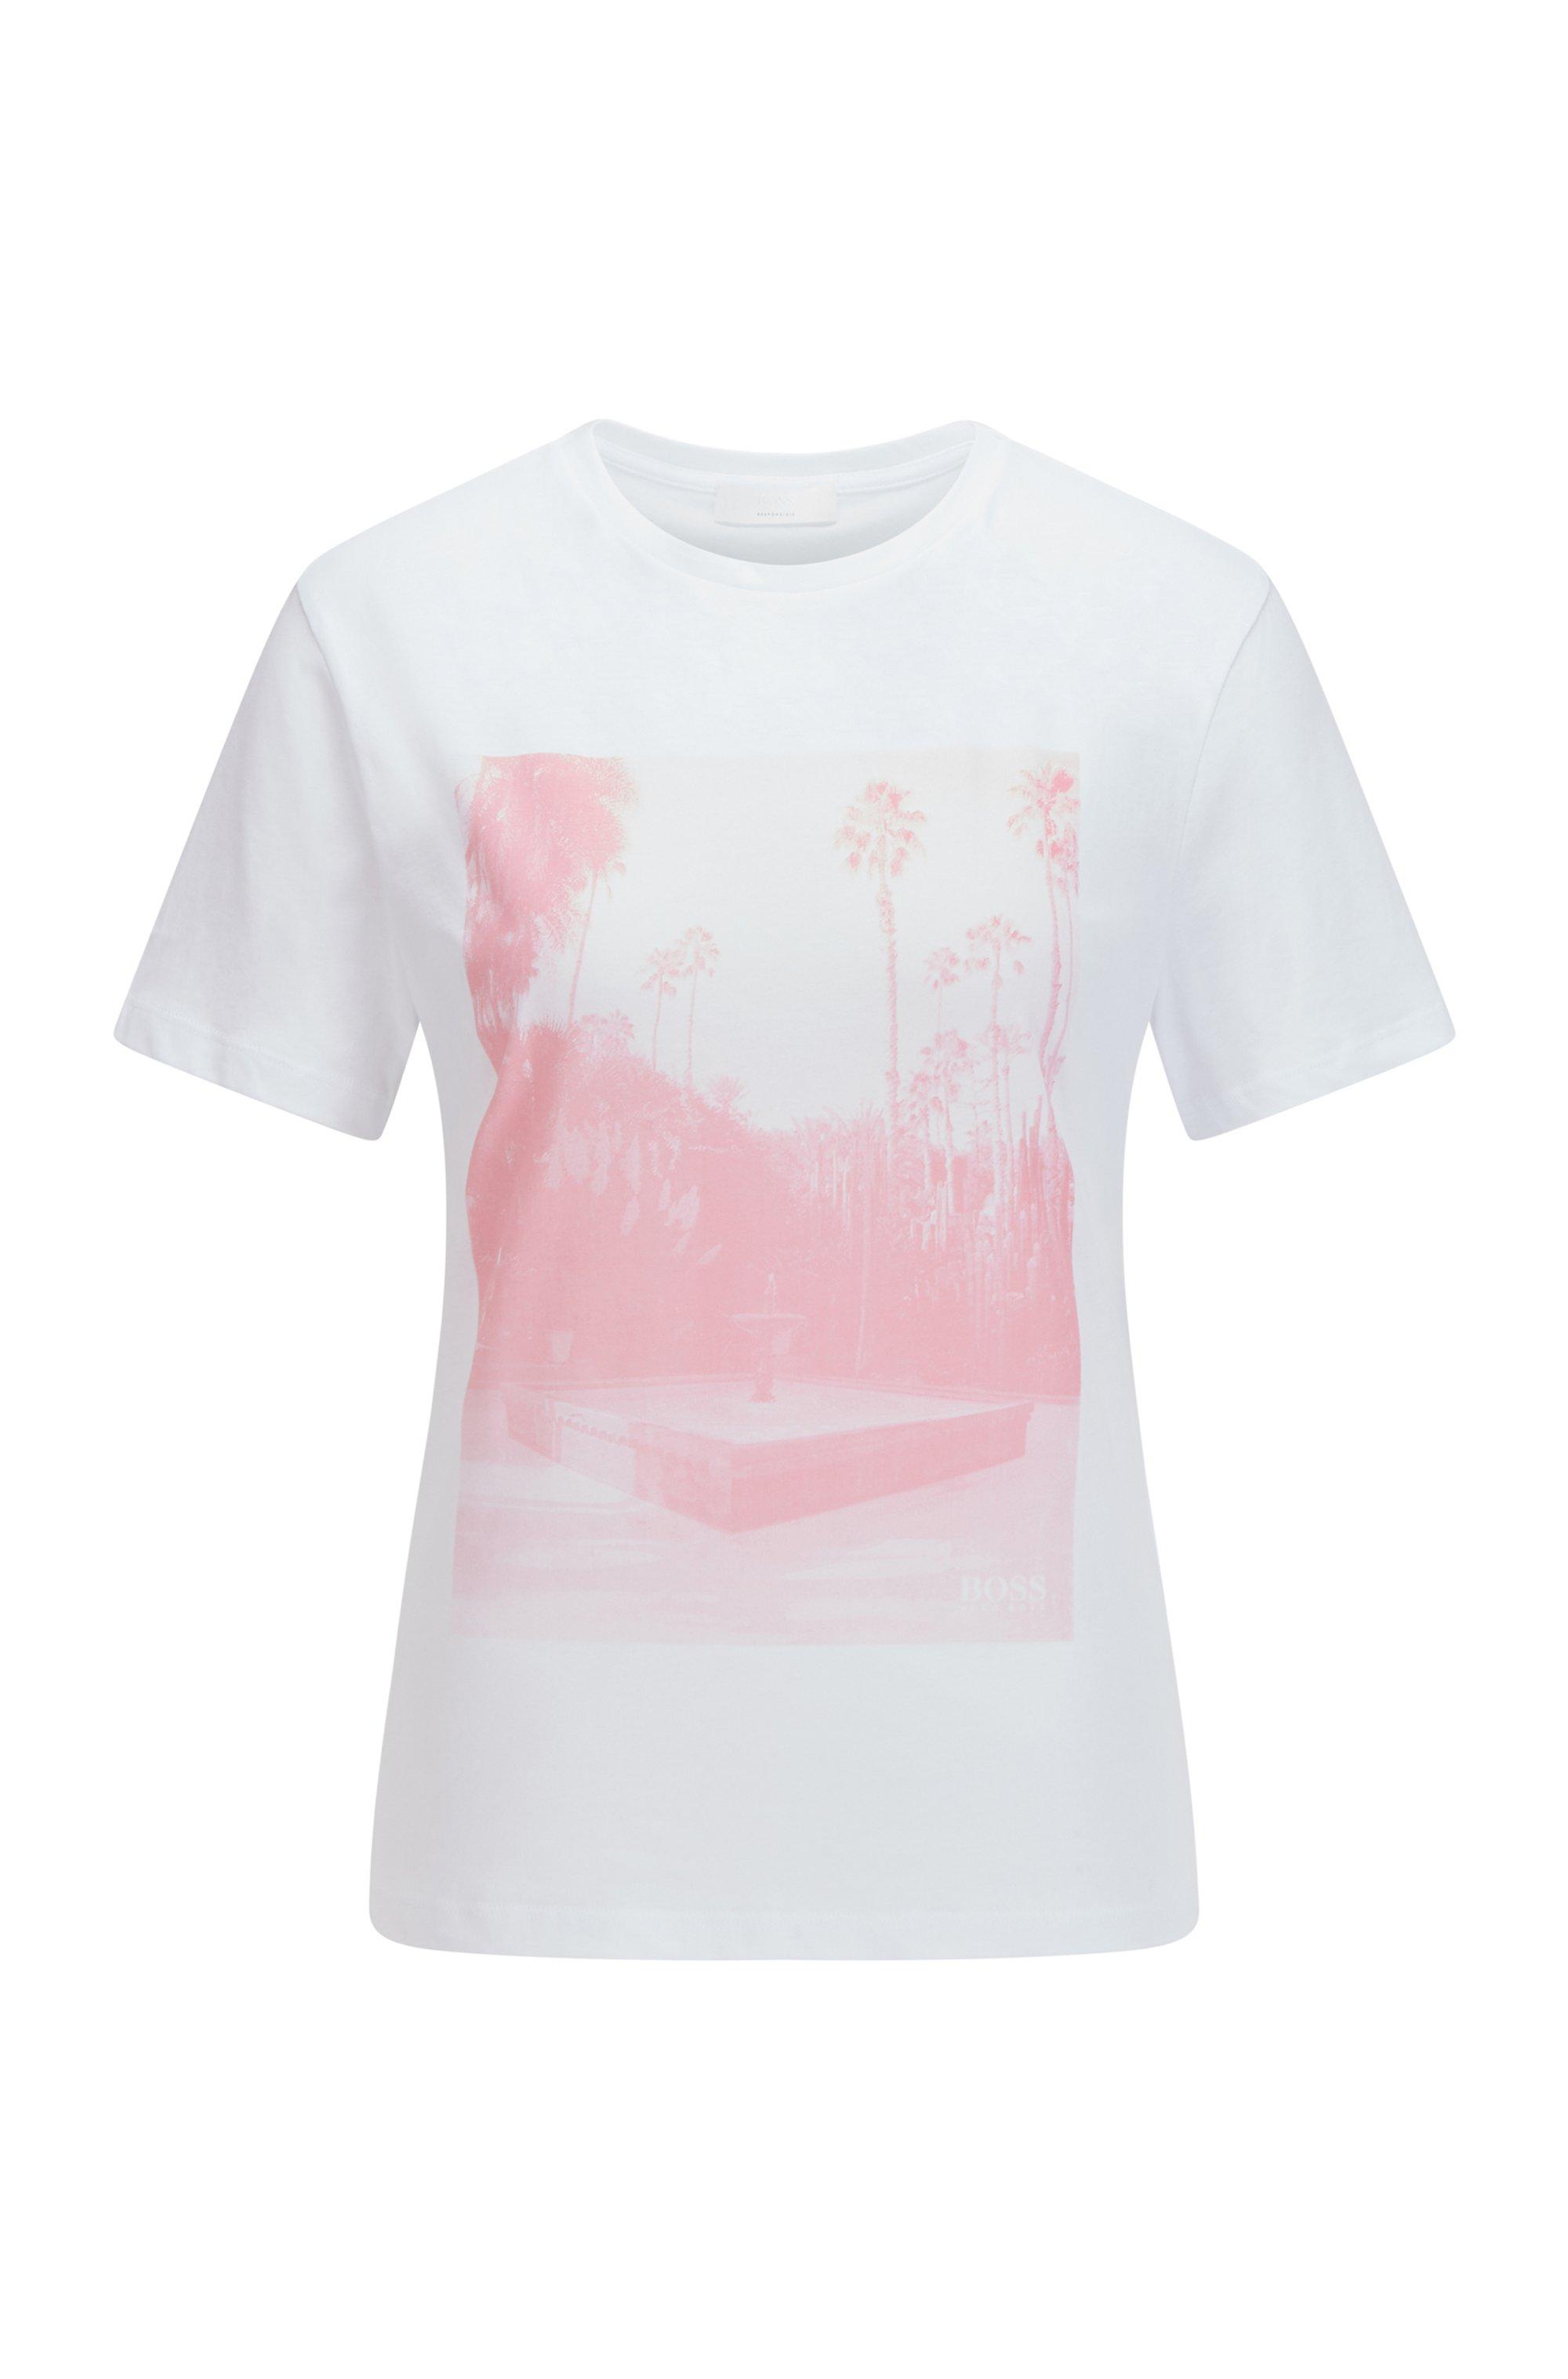 T-shirt en coton biologique à col rond et imprimé photographique, Blanc